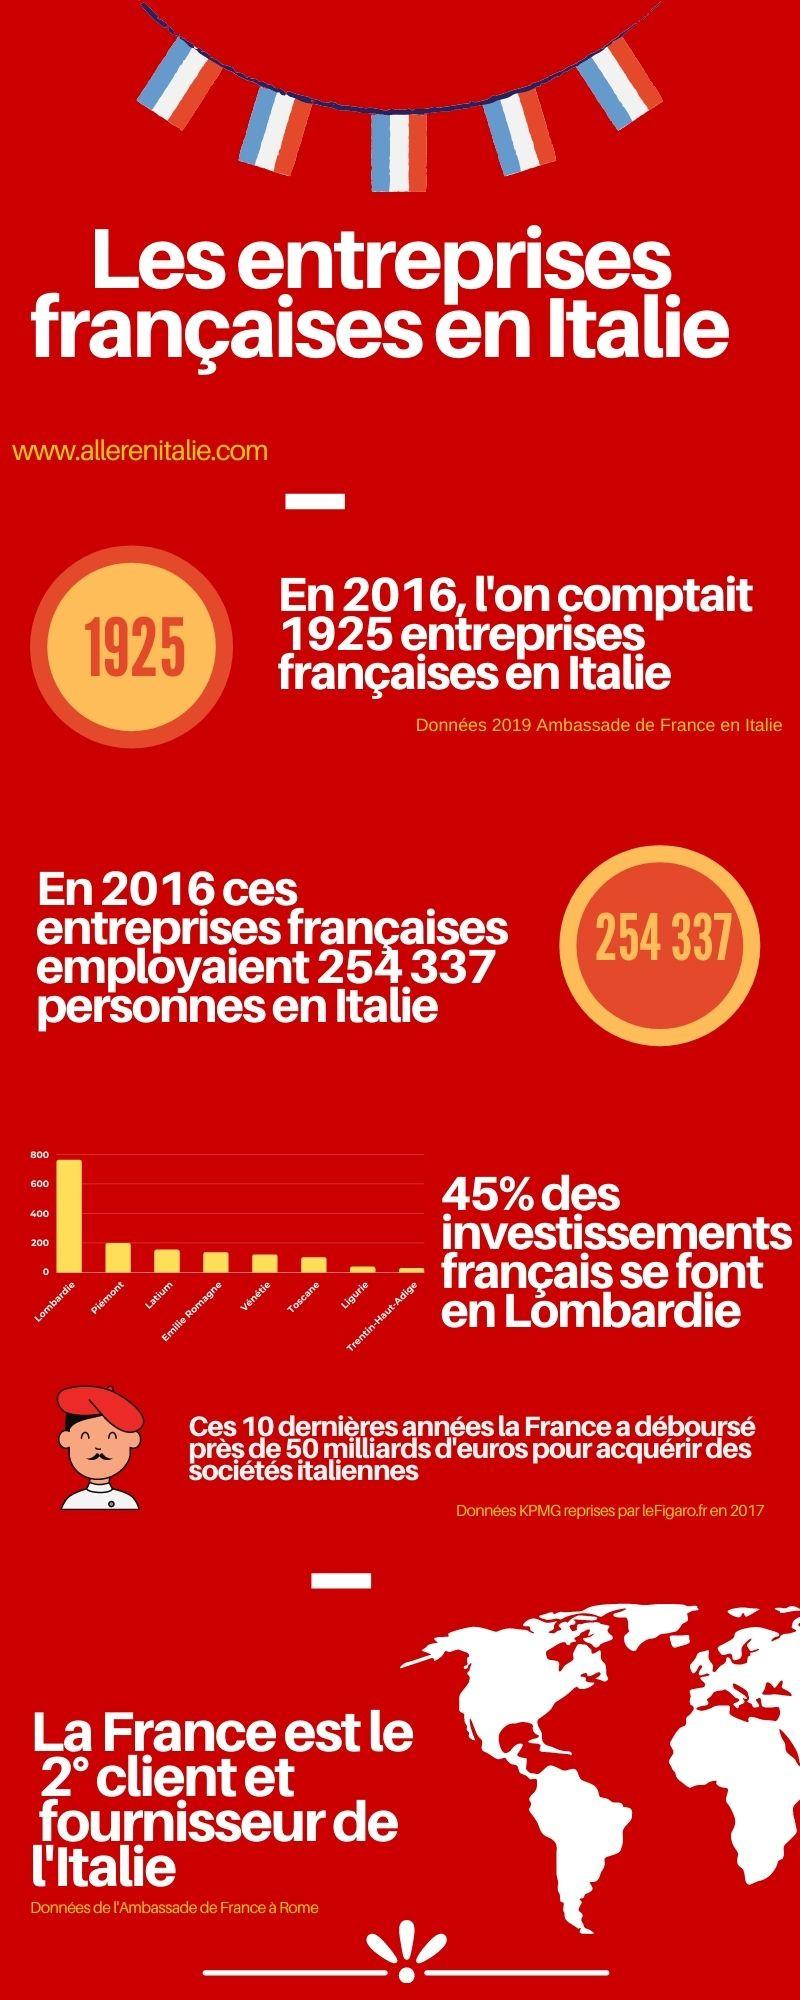 Les entreprises francaises en Italie